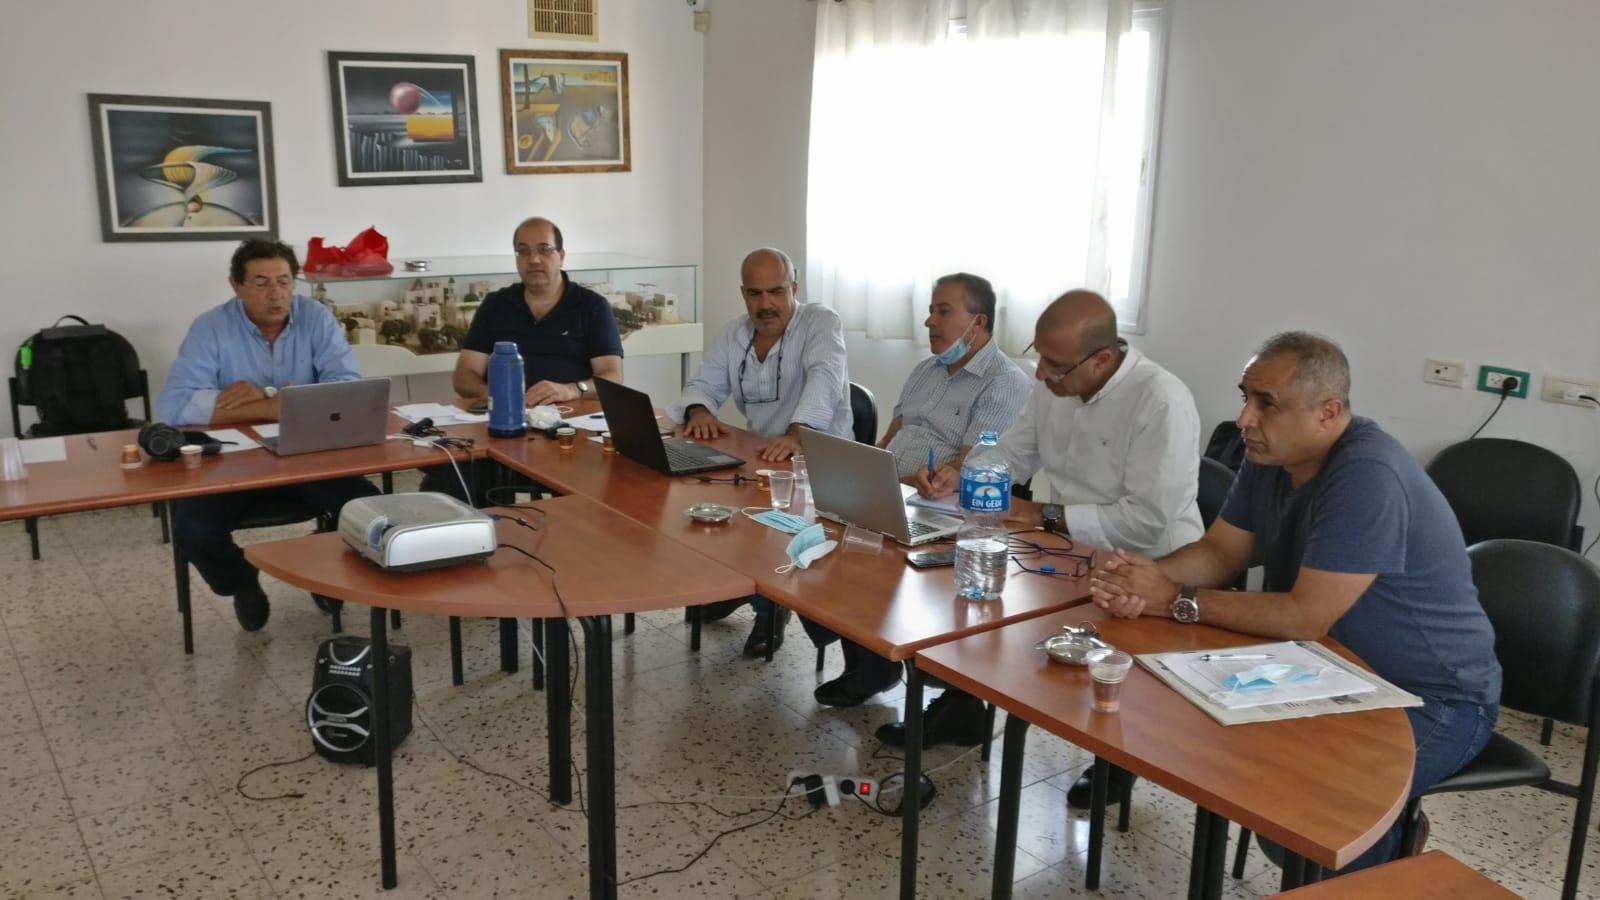 خطة خمسية لتطوير الهايتك والحداثة في المجتمع العربي-1